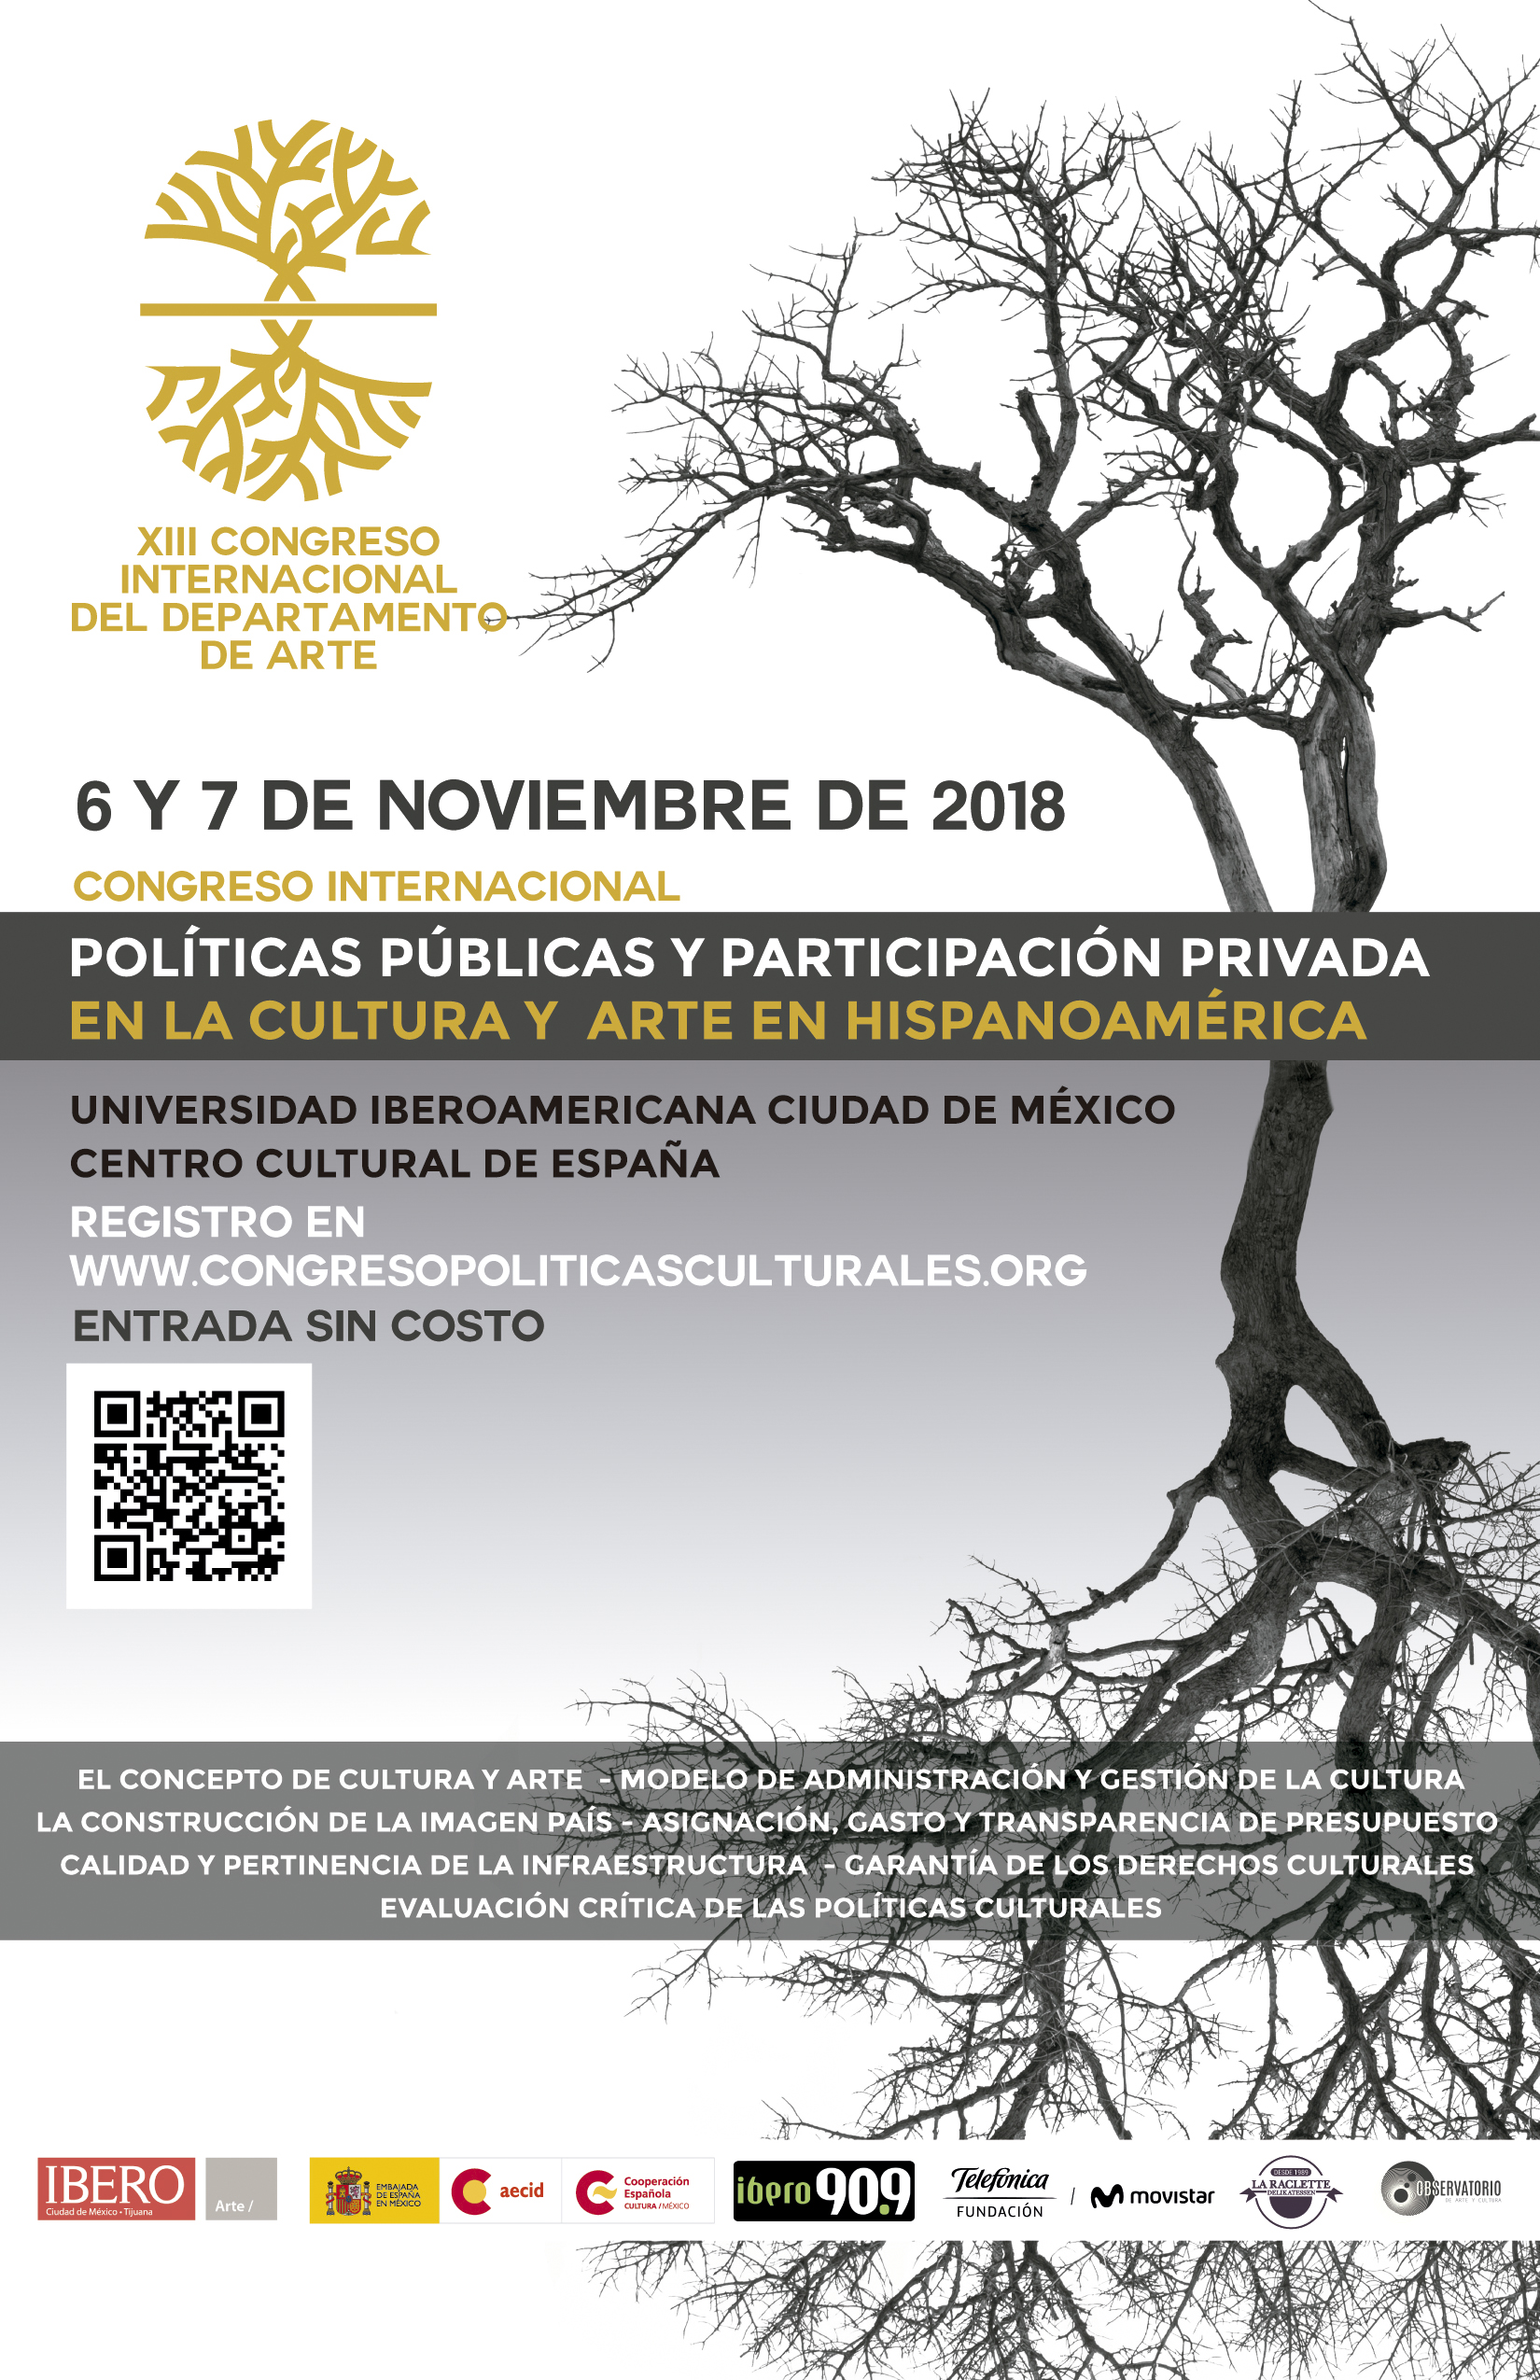 Congreso internacional políticas publicas y participacion  privada en la cultura y el arte de hispanoamérica.jpg